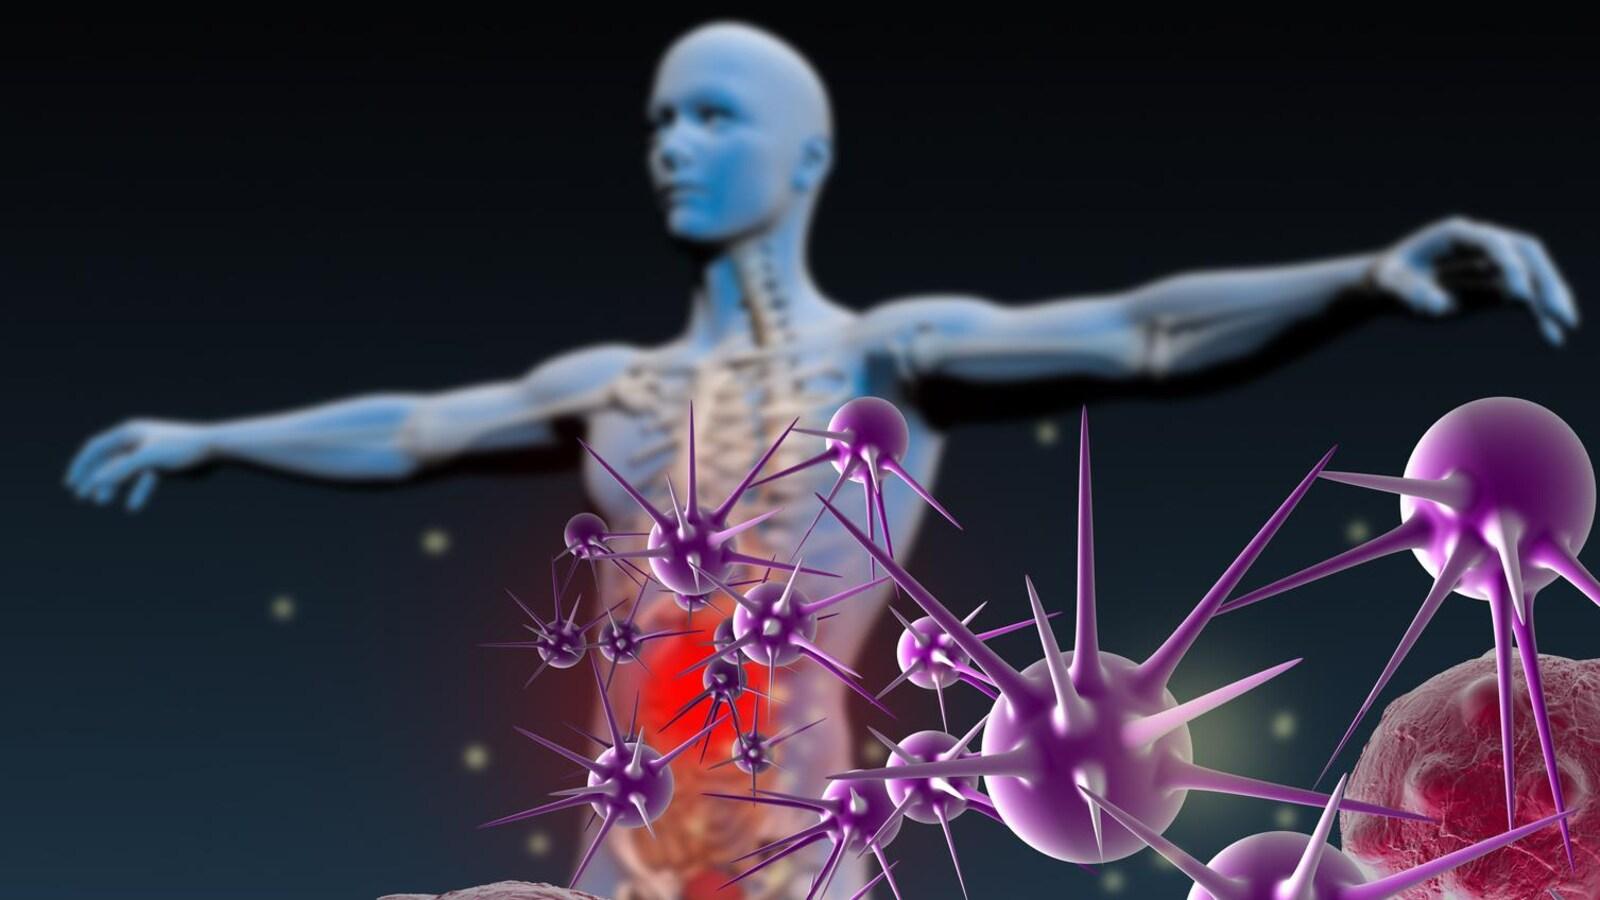 Représentation artistique de virus et bactéries qui attaquent le système immunitaire d'un humain.